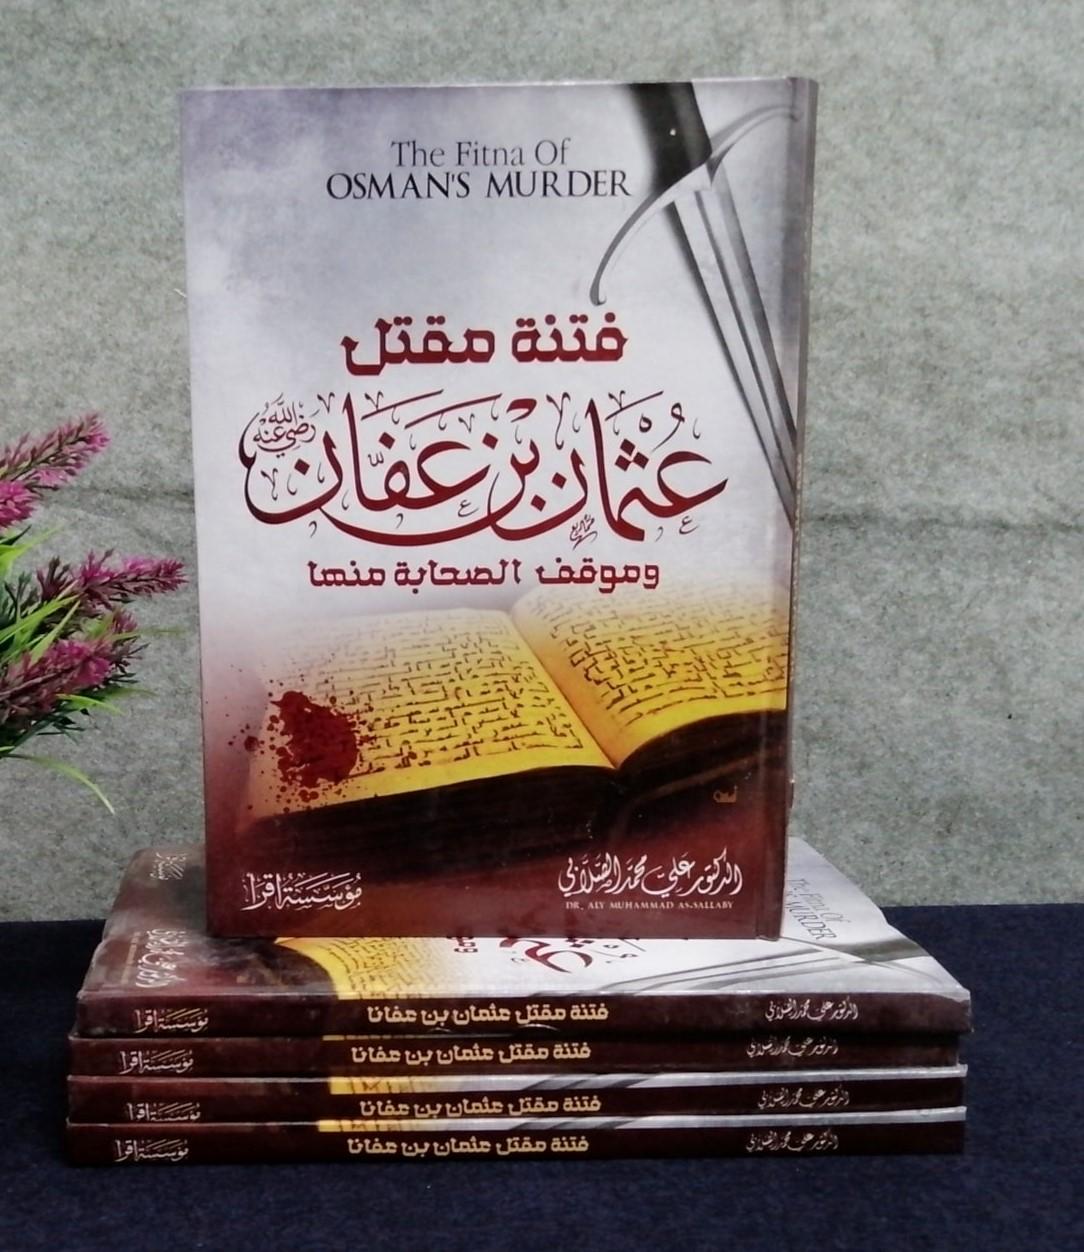 فتنة مقتل عثمان